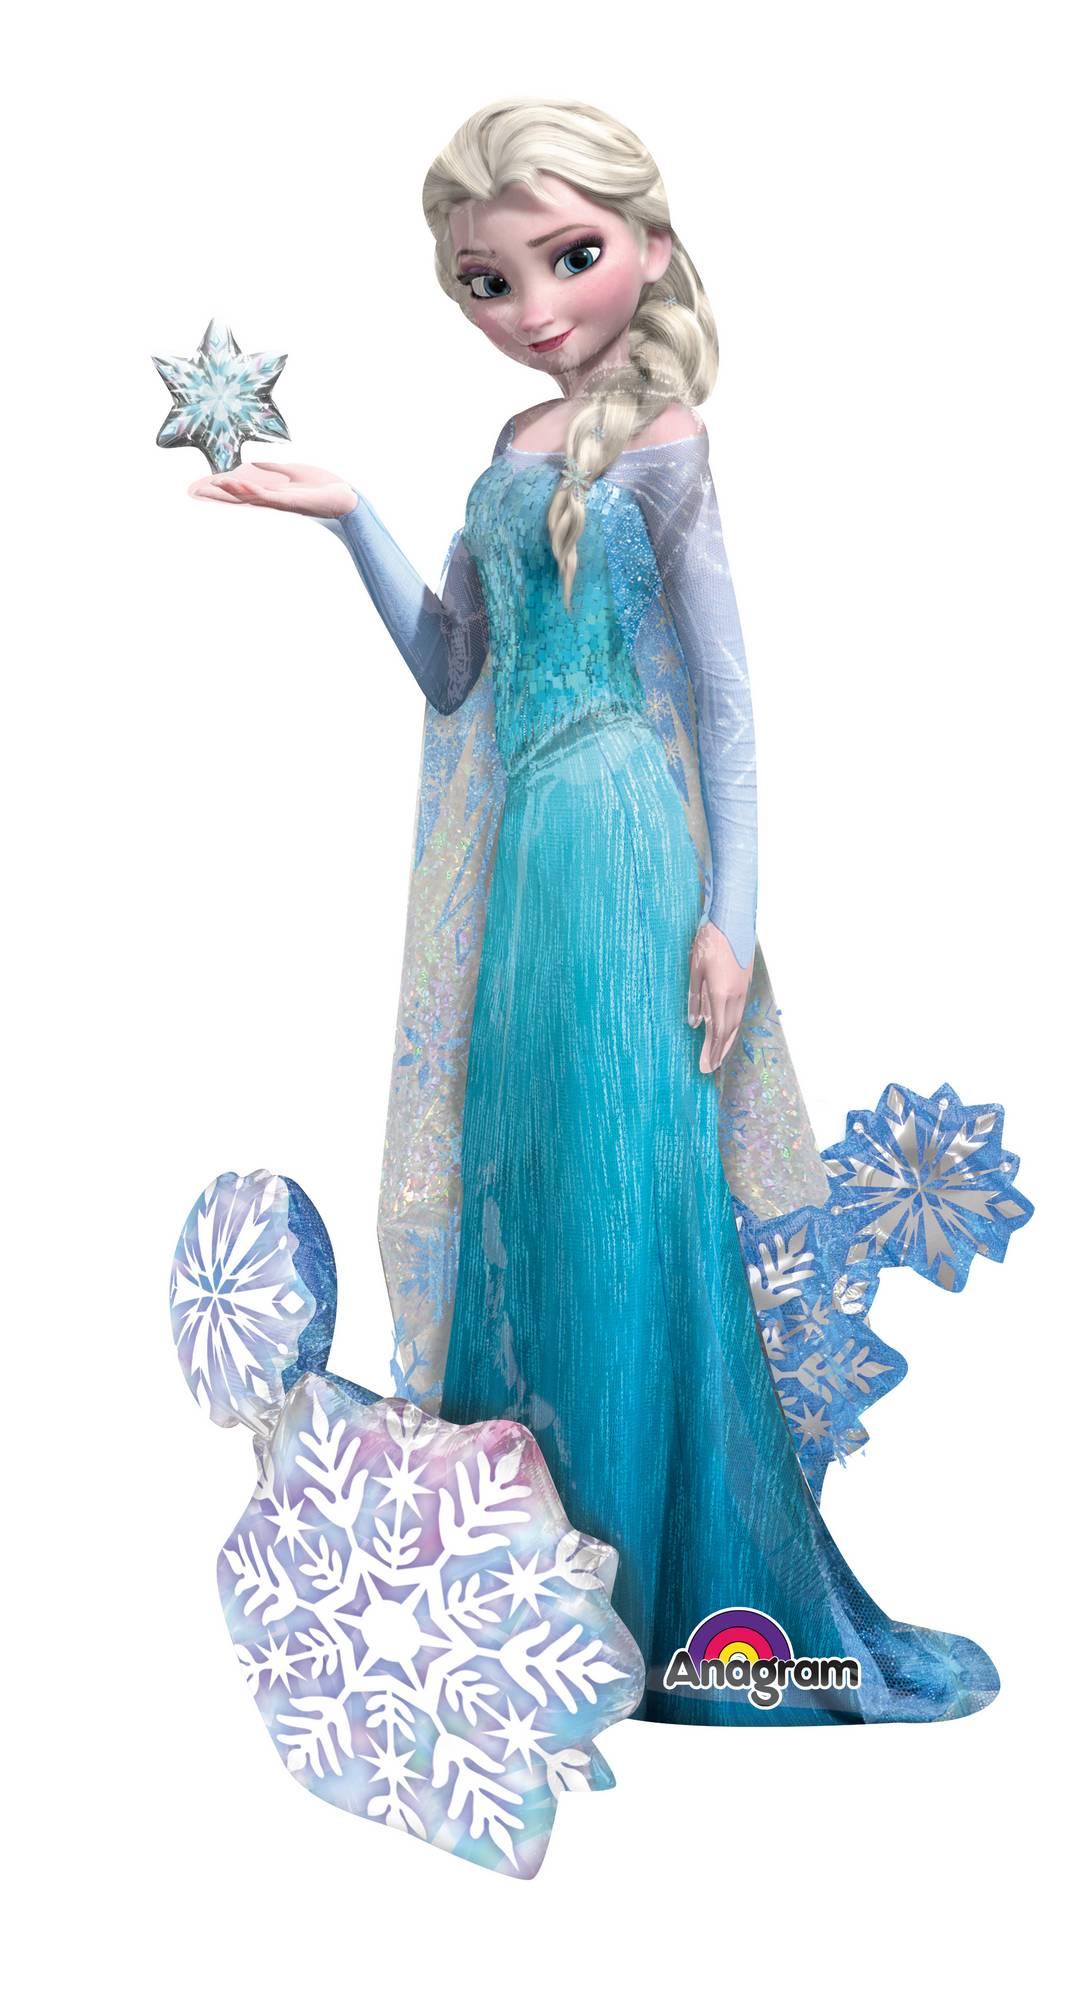 Ballon g ant elsa la reine des neiges vegaooparty d co anniversaire disney - Rideau la reine des neiges ...